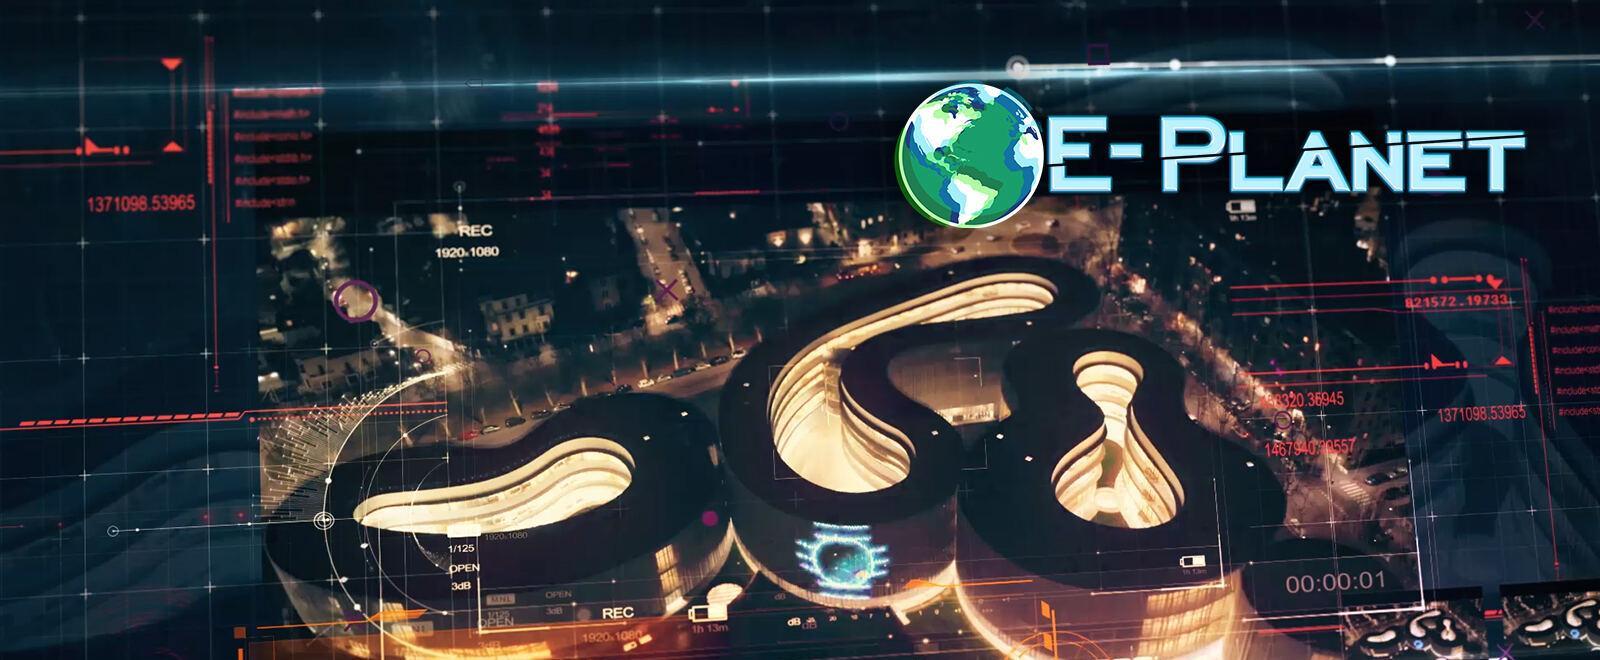 E-planet '21